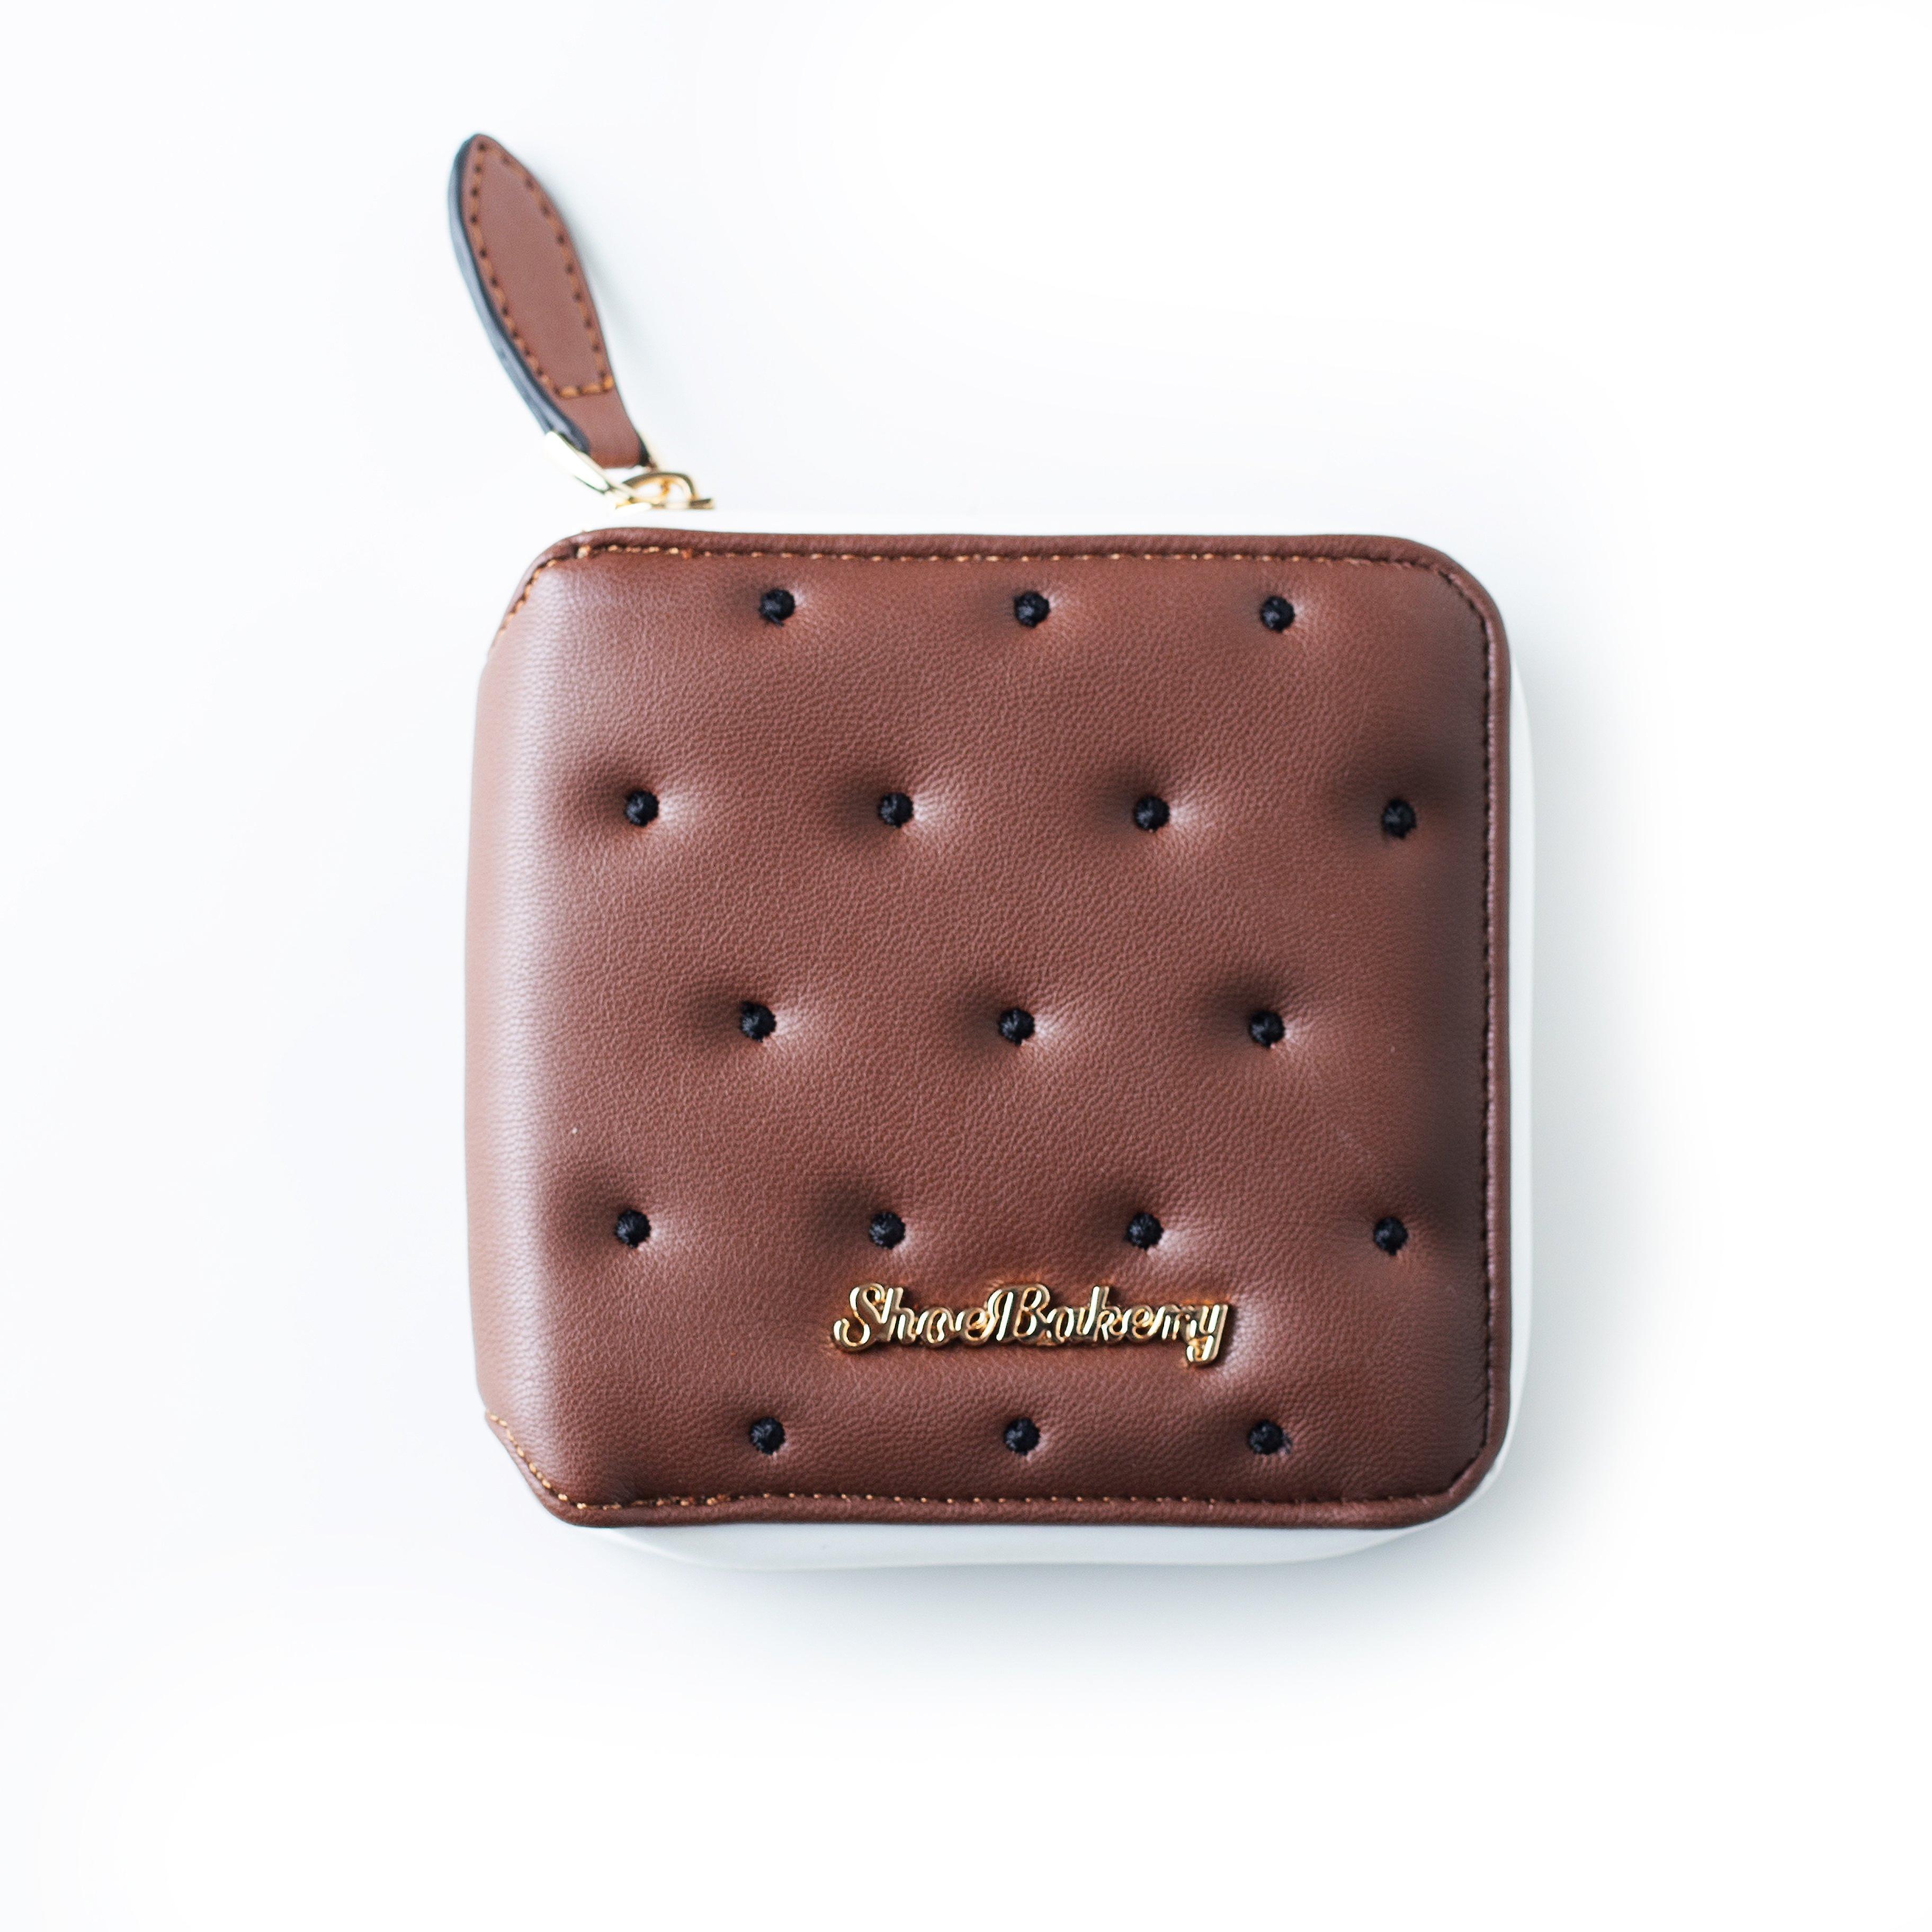 Ice Cream Sandwich Wallet